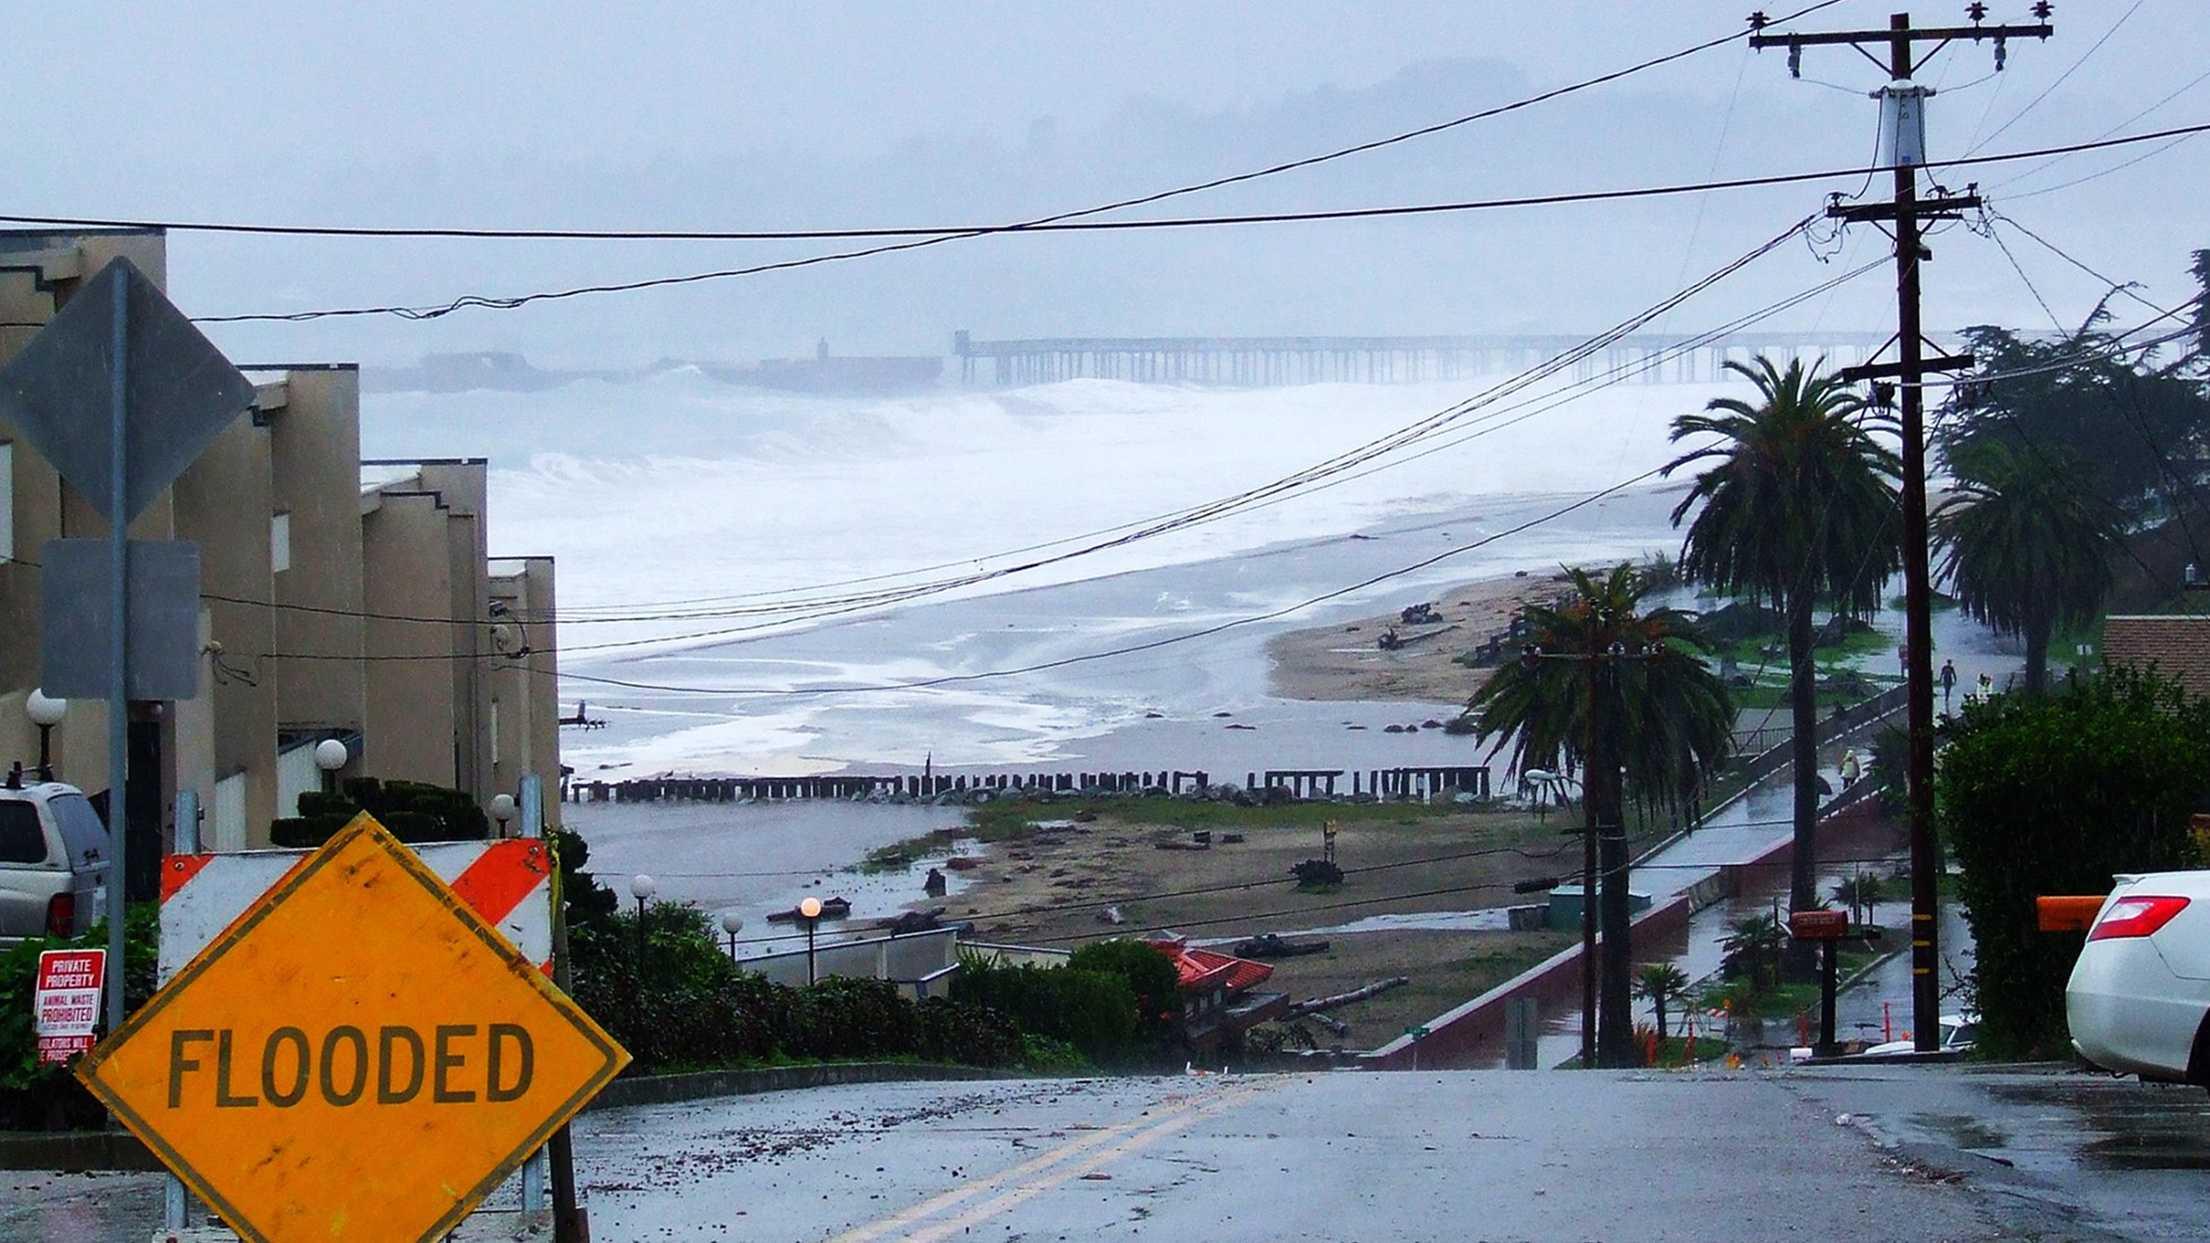 Rio Del Mar / Nov. 11, 2014